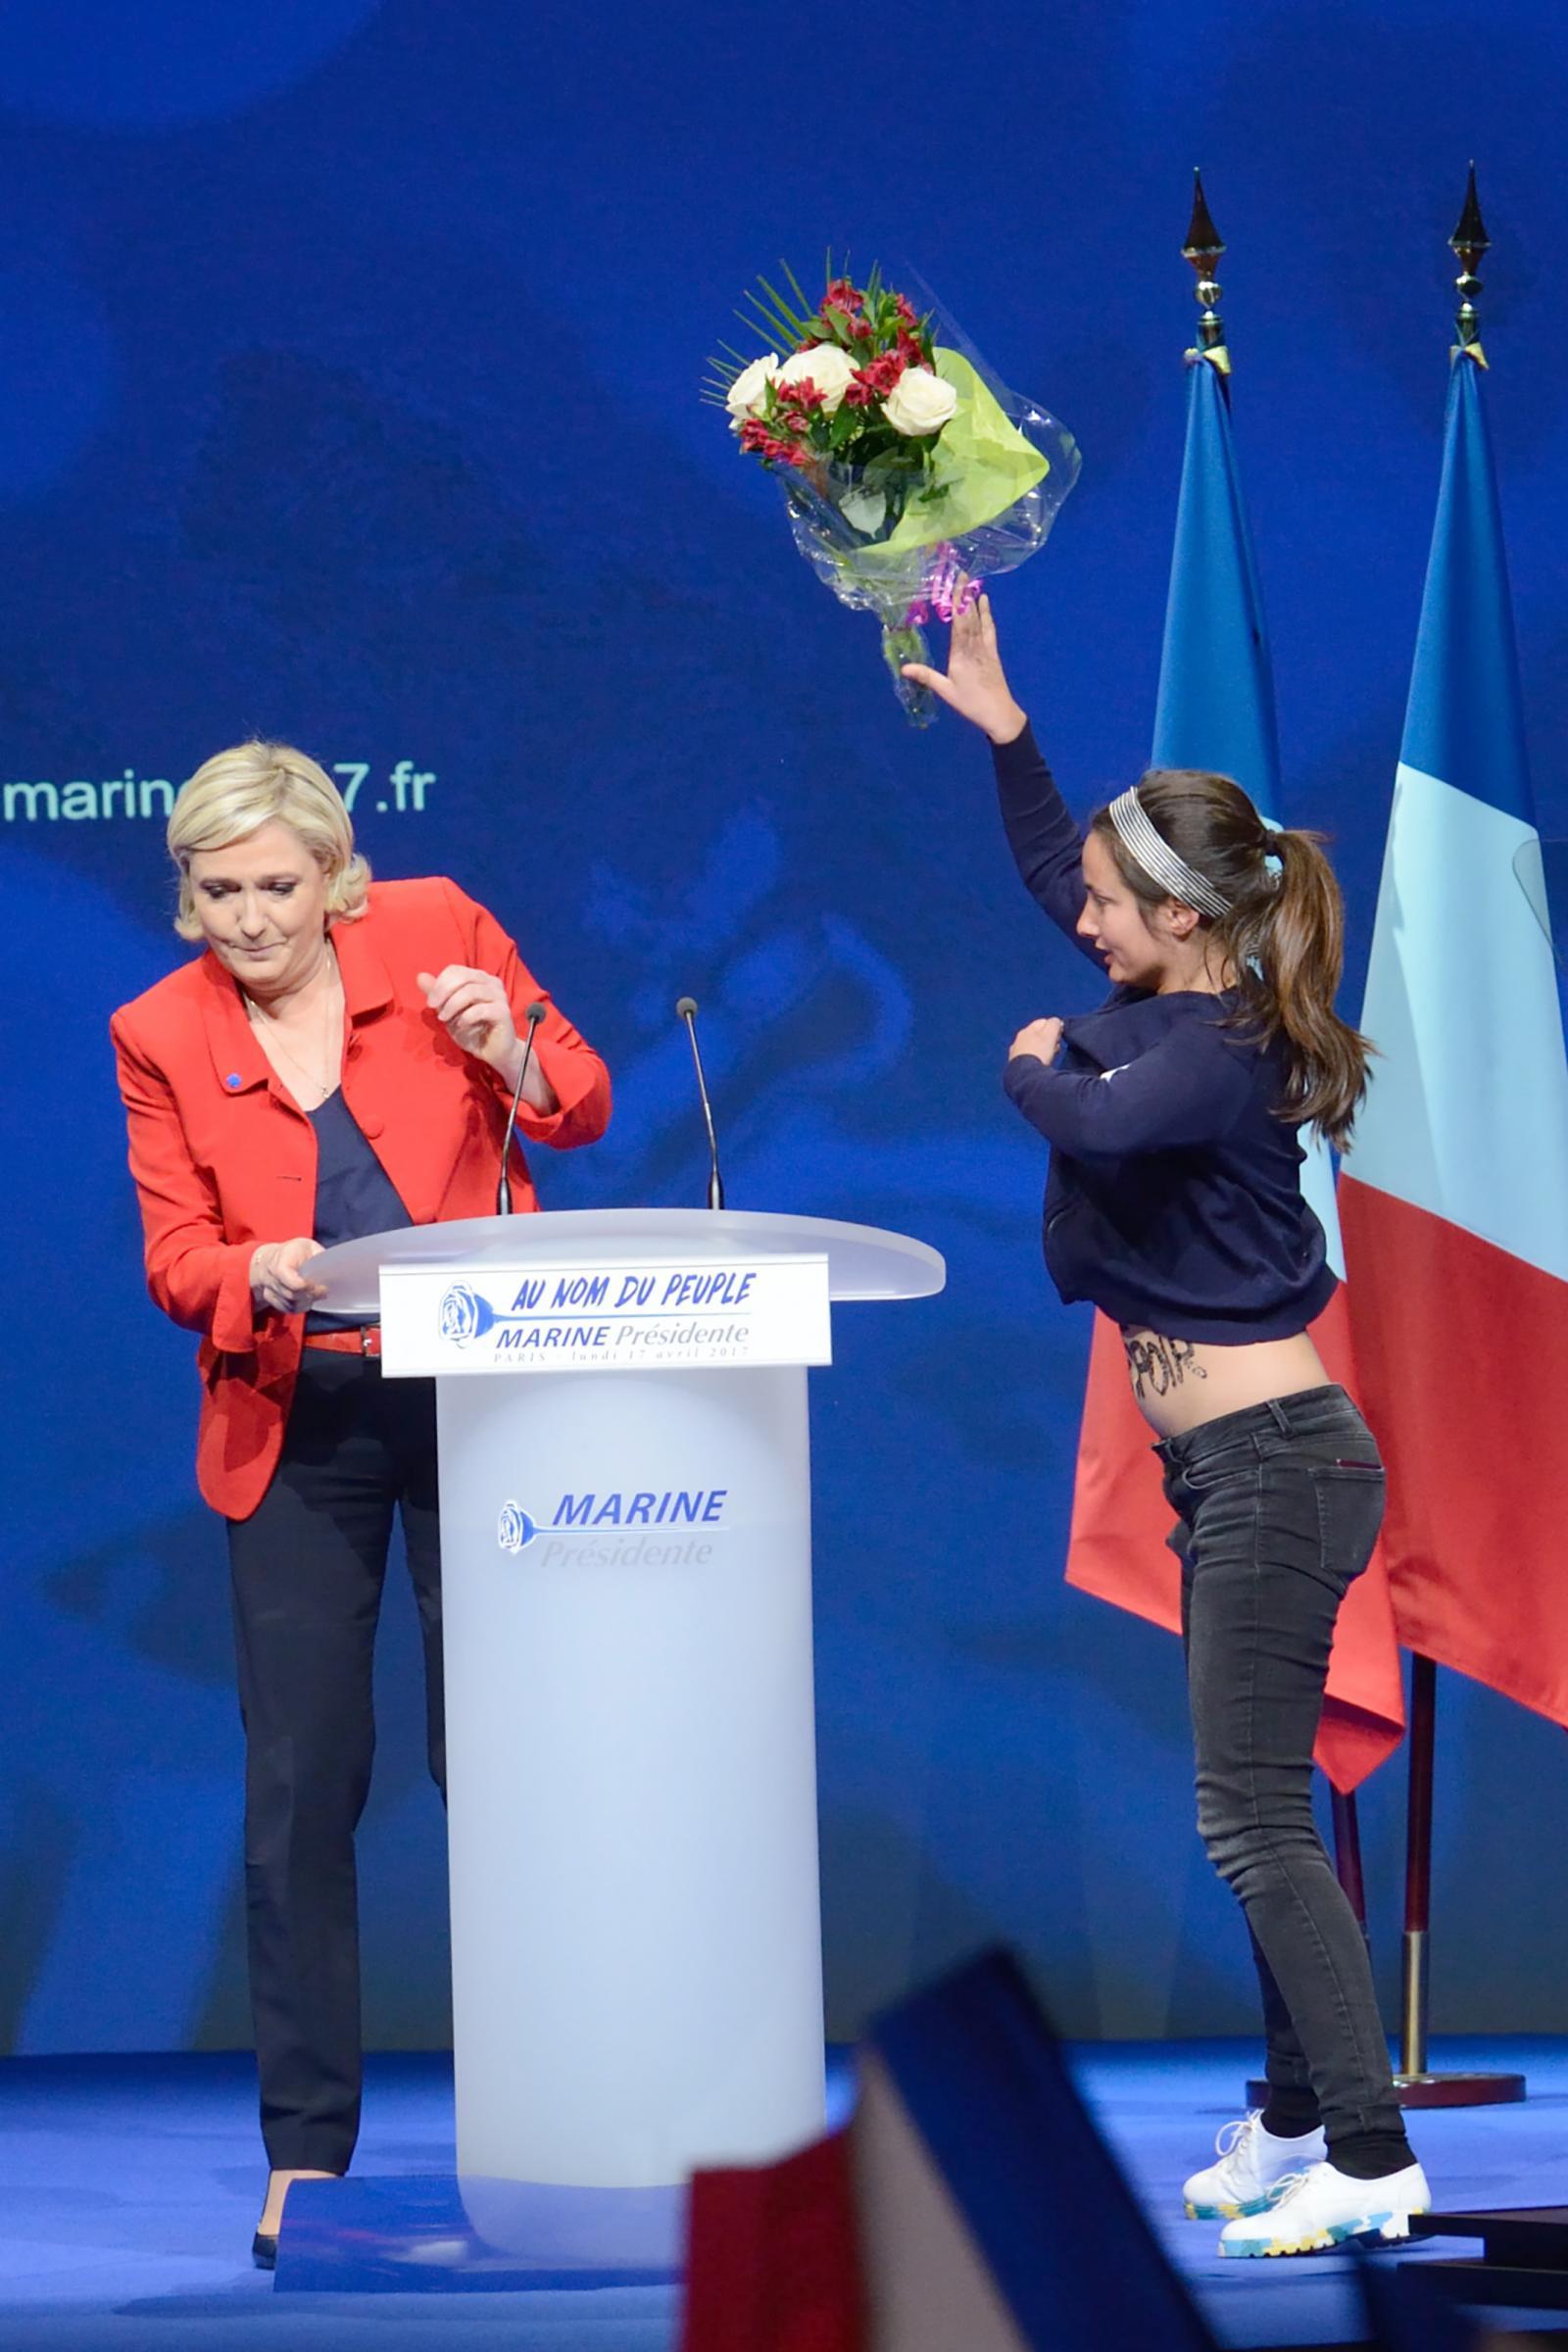 Scontri al comizio Le Pen, Femen irrompe sul palco